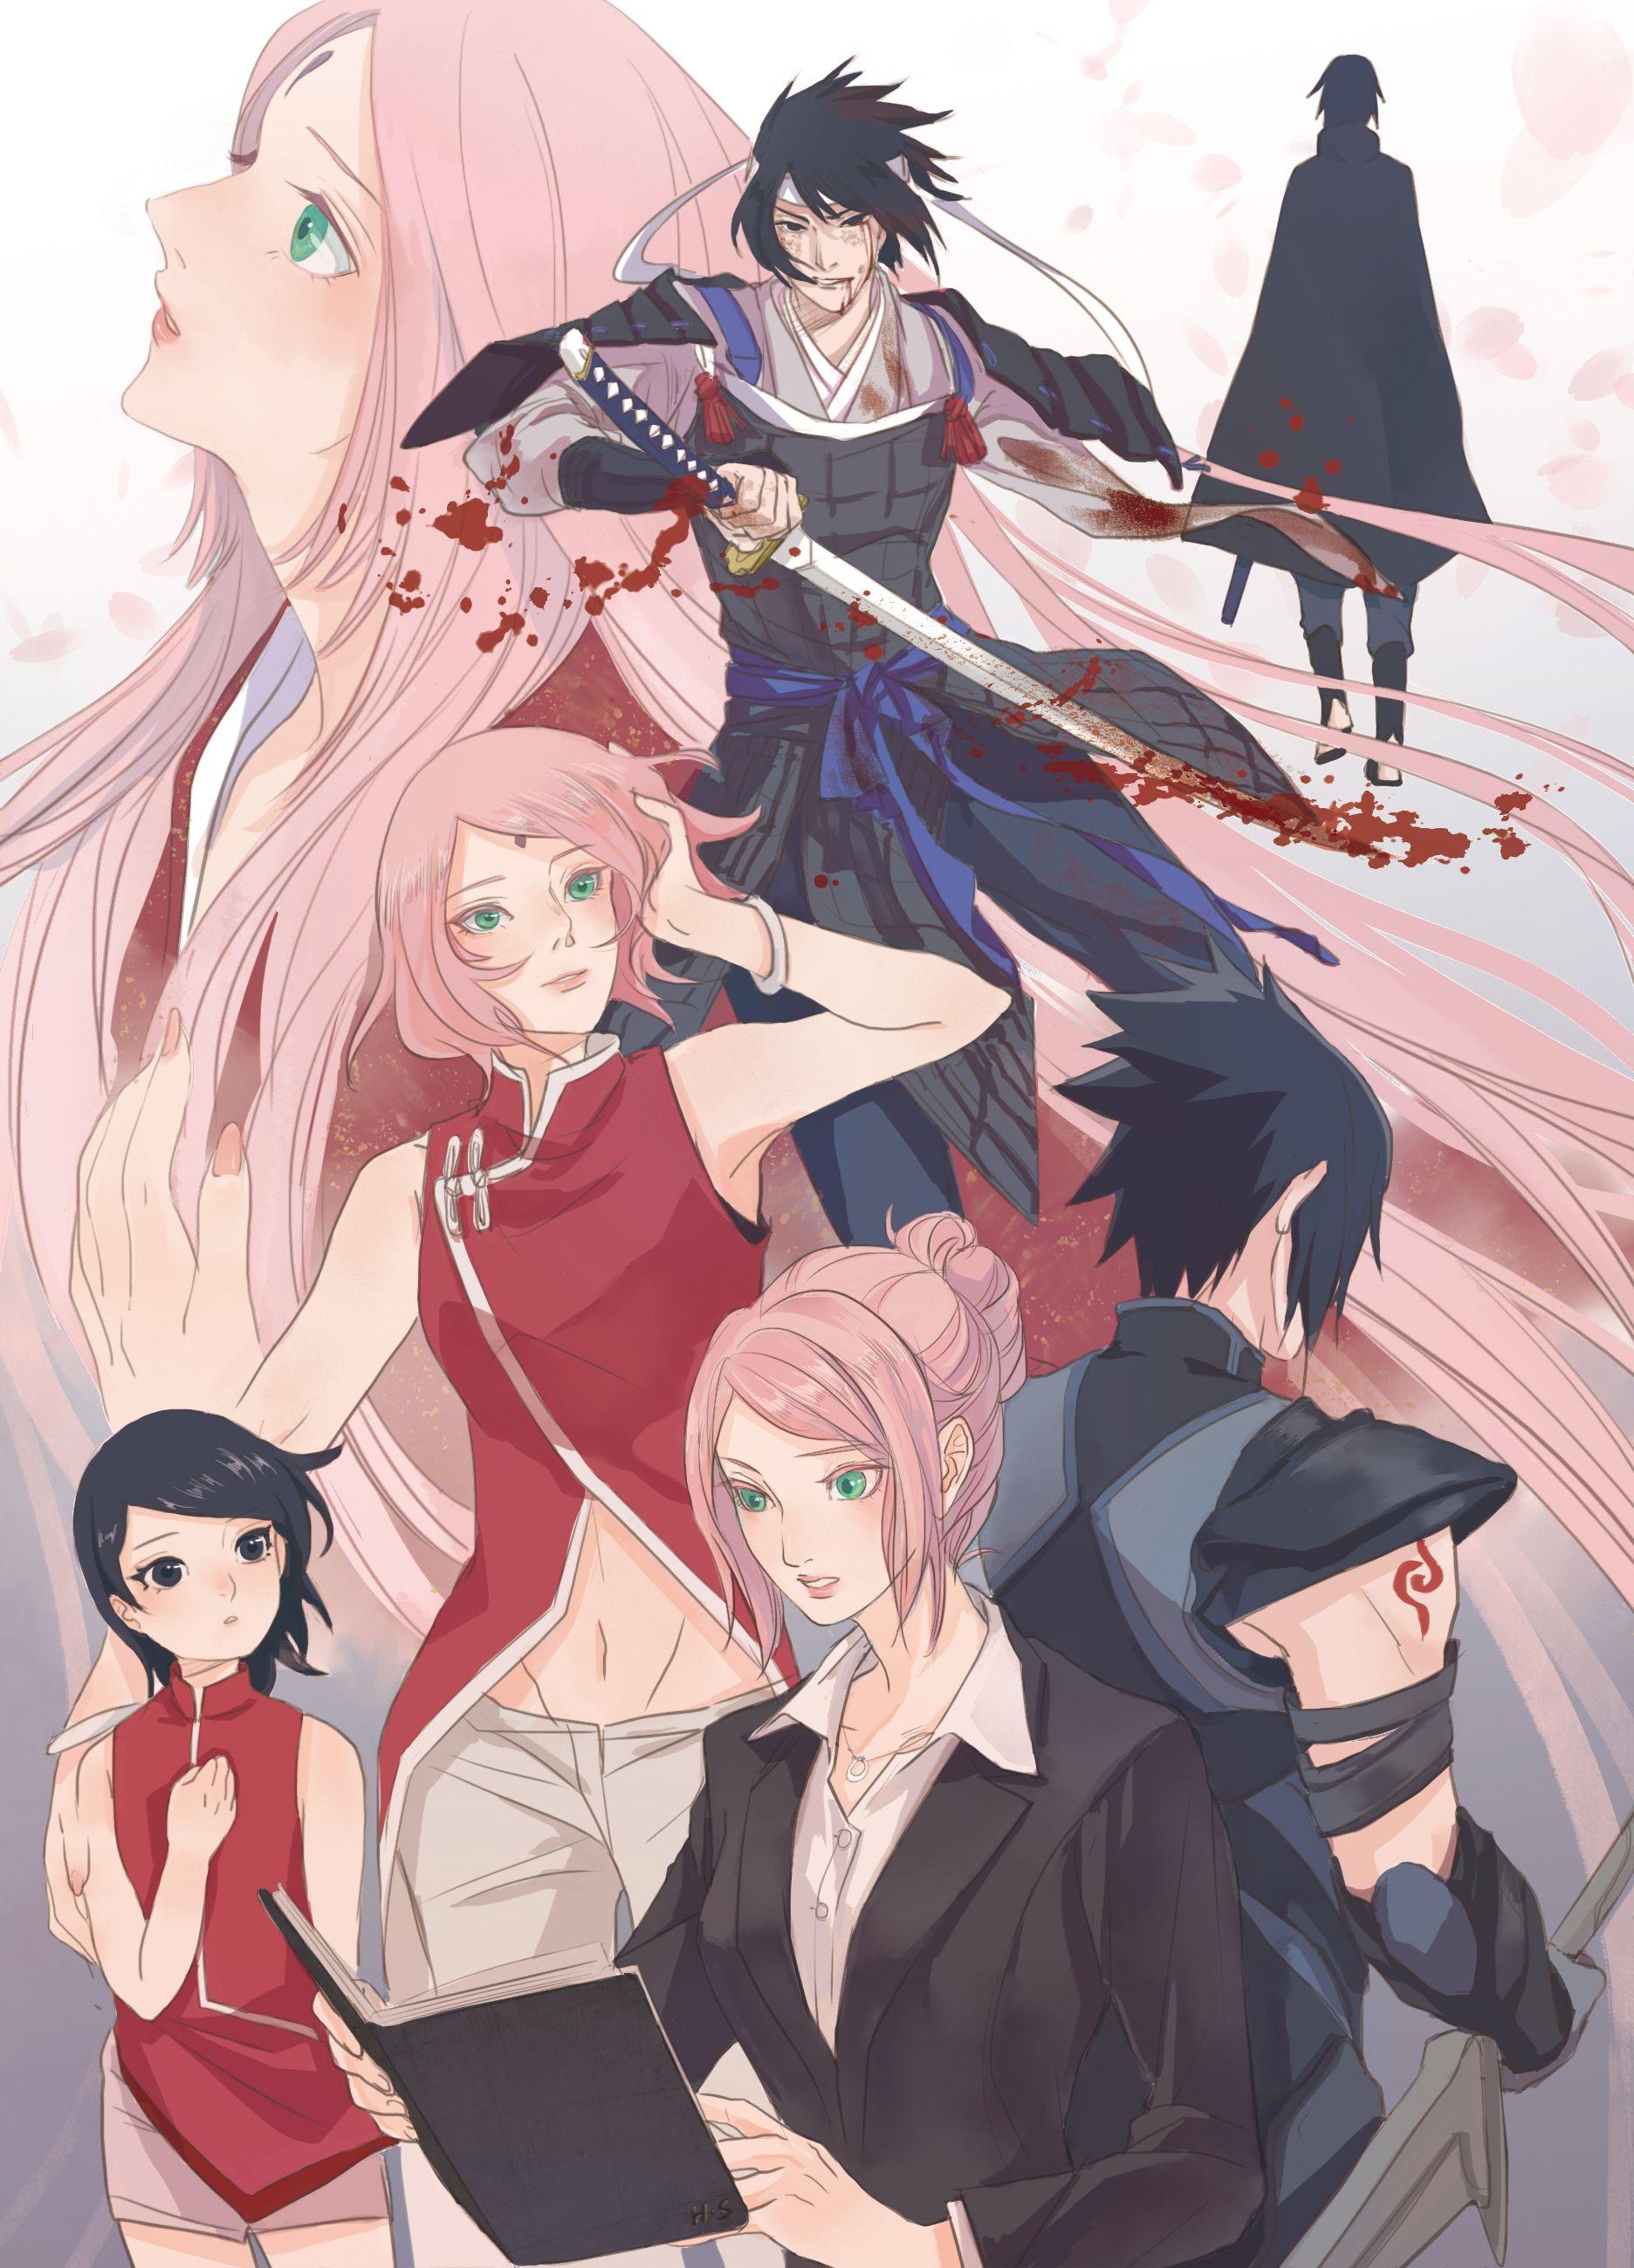 Tags: Fanart, NARUTO, Haruno Sakura, Uchiha Sasuke, Pixiv, Fanart From Pixiv, Uchiha Sarada, Pixiv Id 12934036